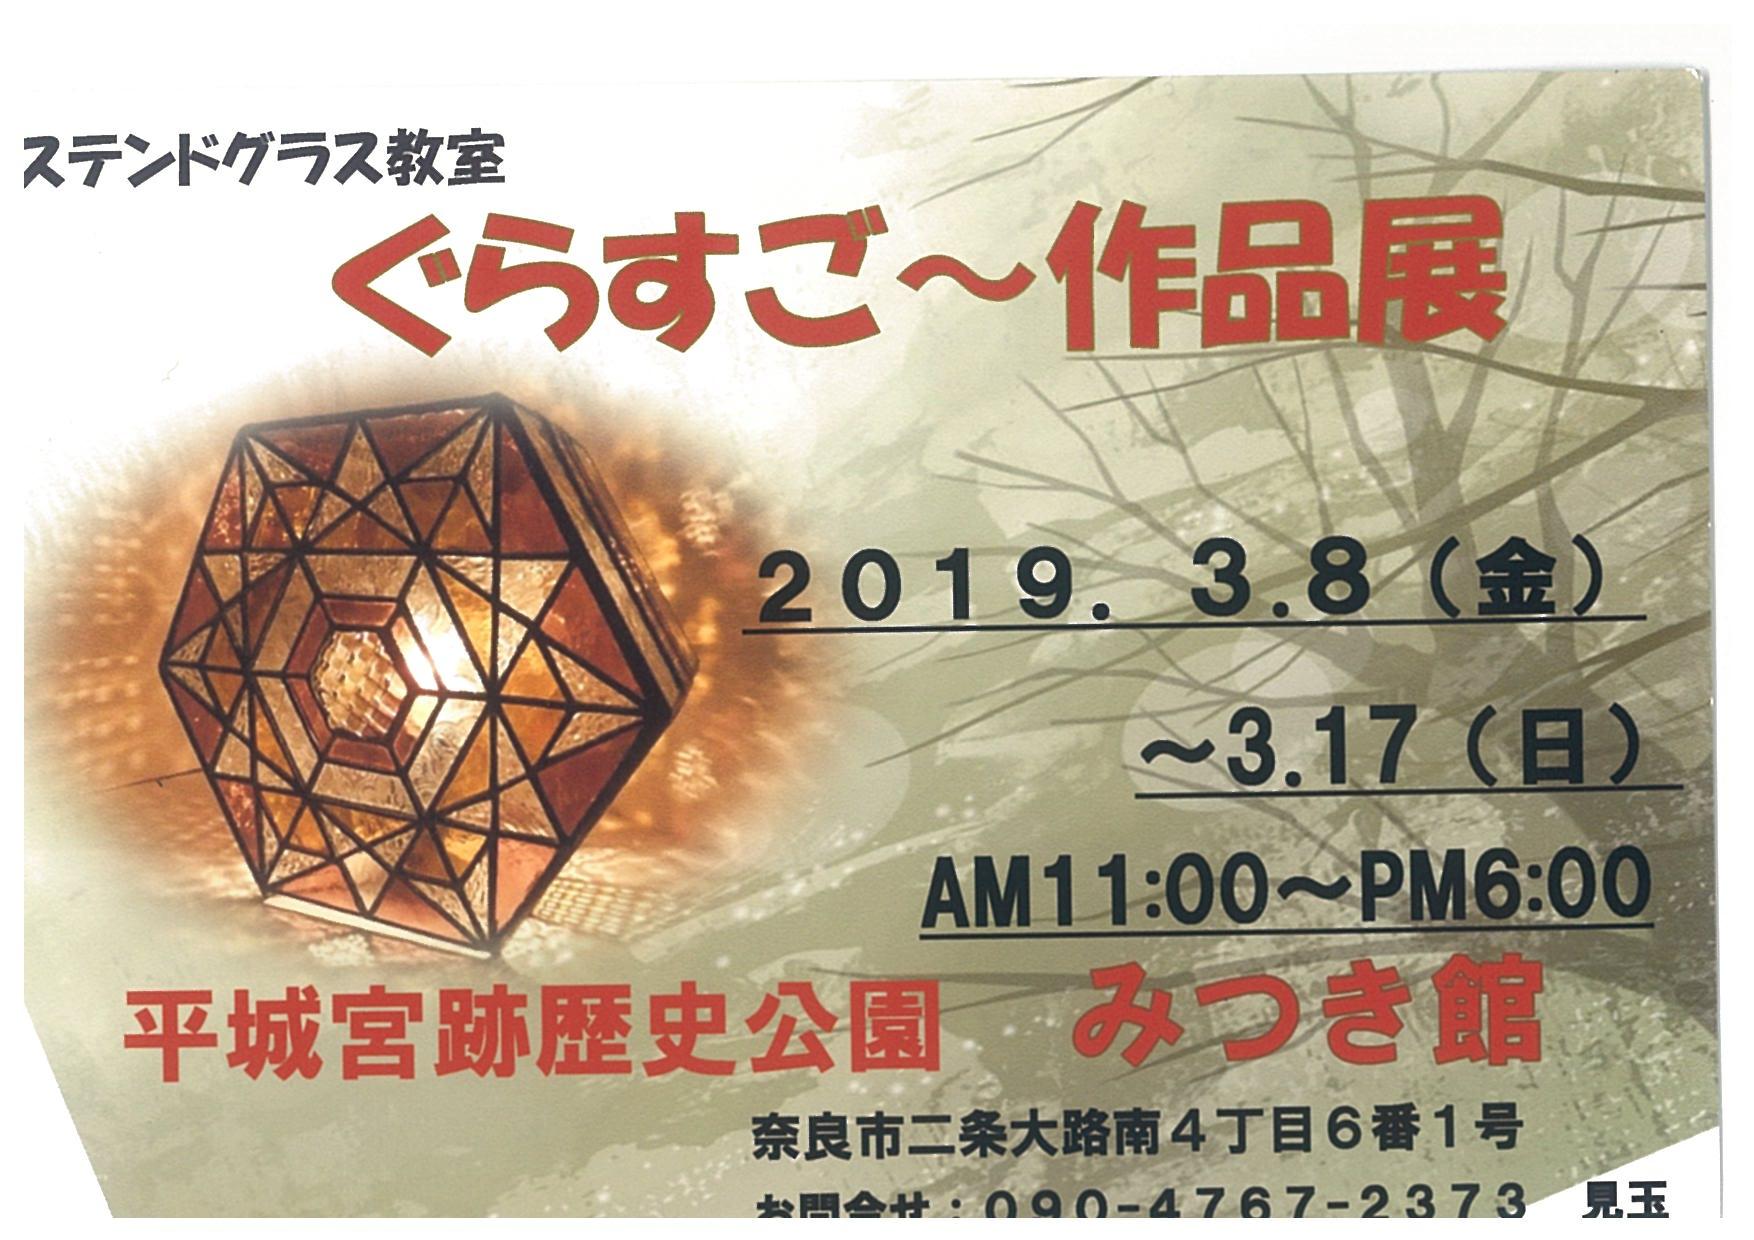 2019年、イベント、奈良県、奈良市、観賞、3月、アート、ぐらすご~。